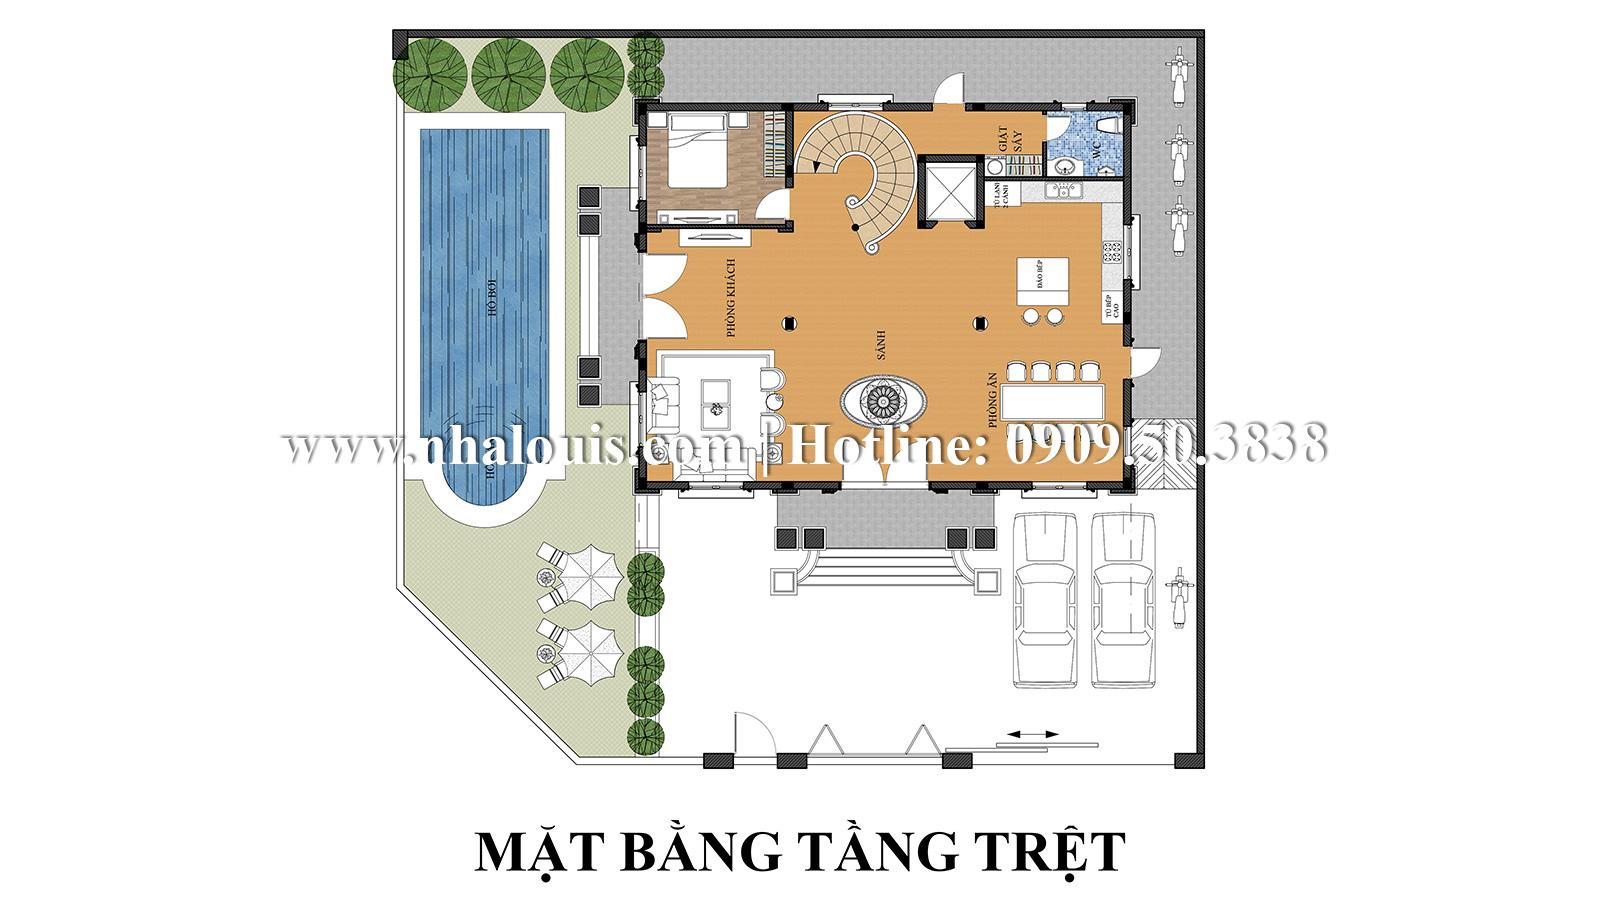 Thiết kế mẫu biệt thự kiểu Pháp 4 tầng tại Quận 9 đẹp kiêu sa - 04